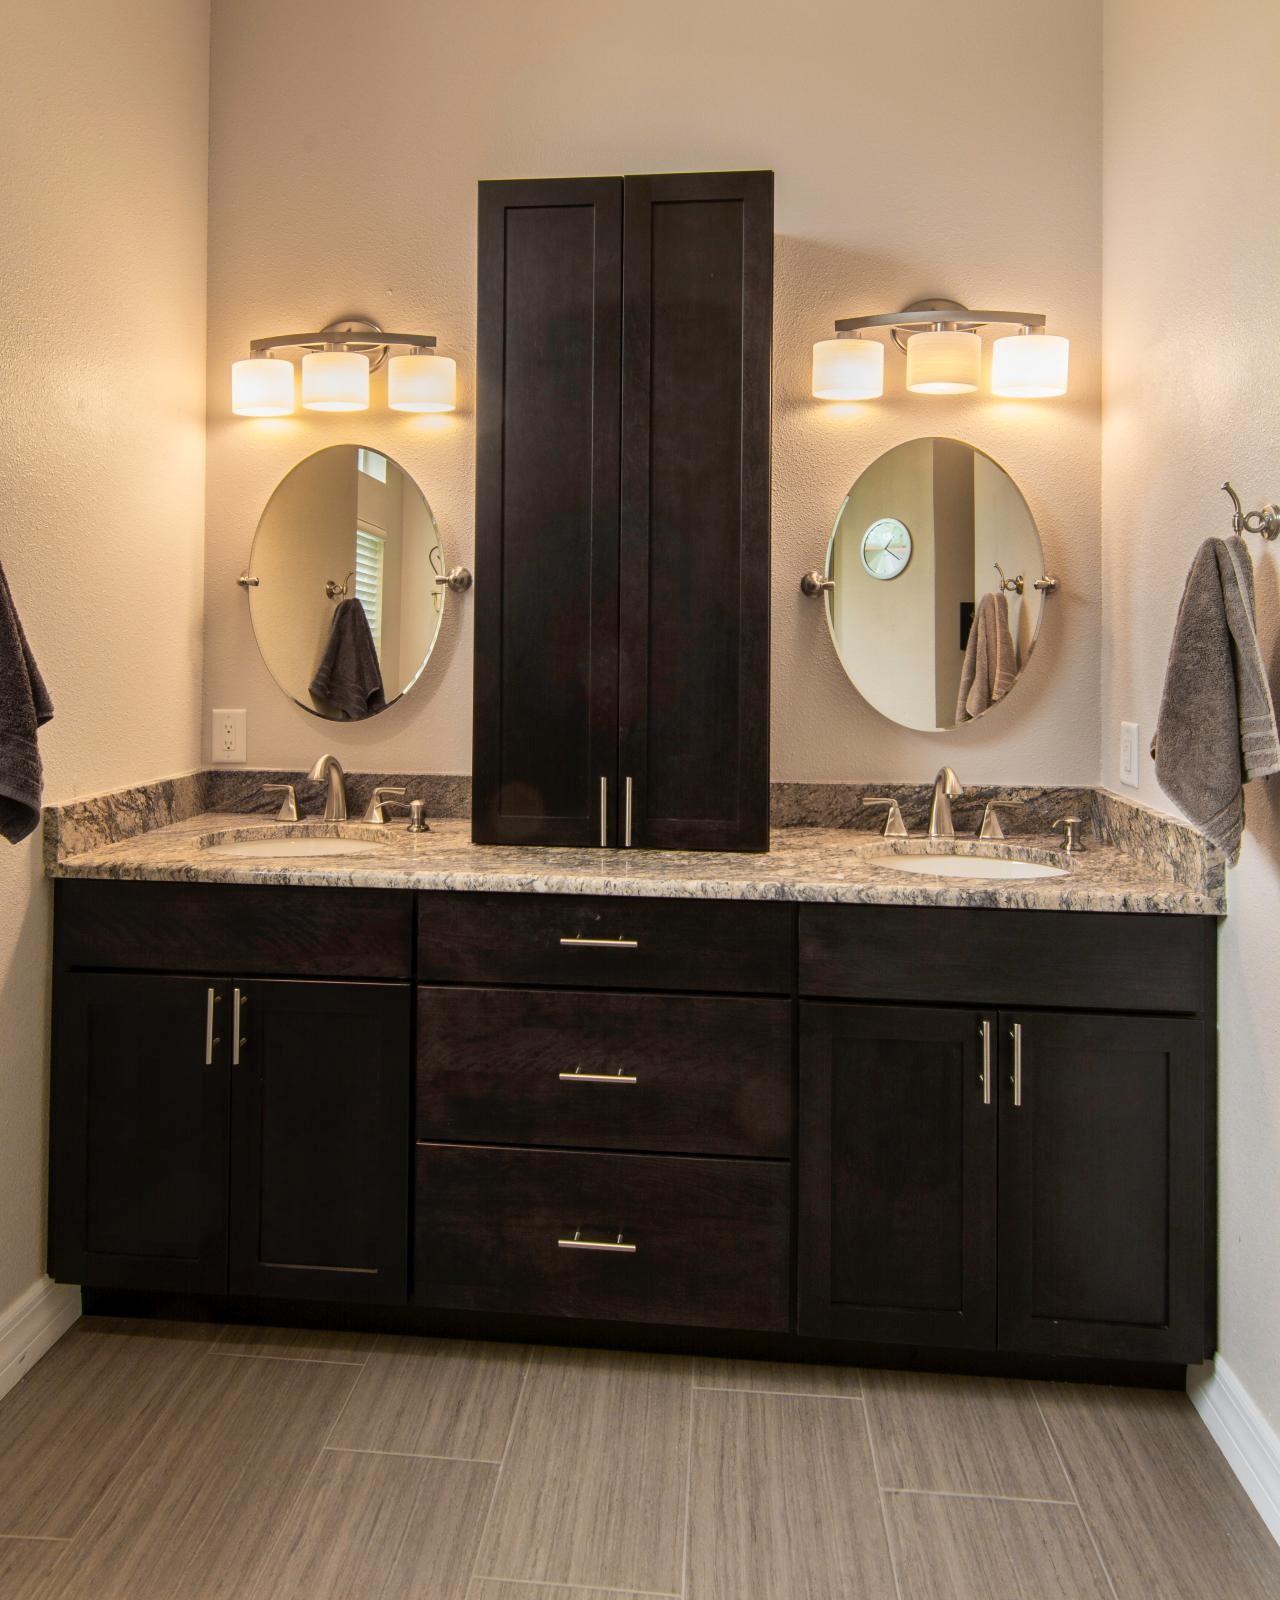 Bathroom Double Vanities with tops Beautiful Bathroom Double Vanities with tops Ideas